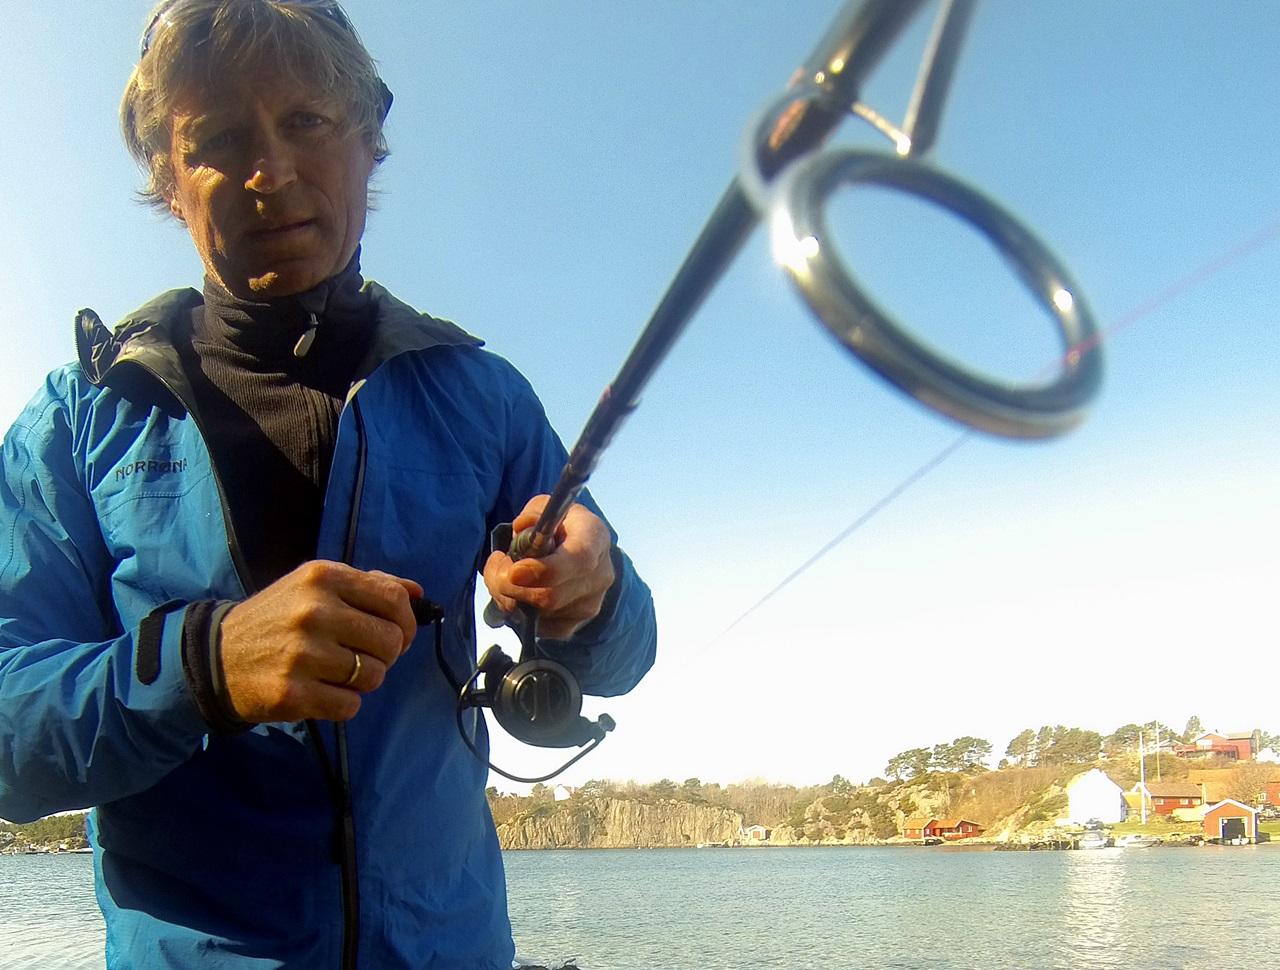 Spinnstopp brukes mest ved kastesluk fiske fra land eller båt